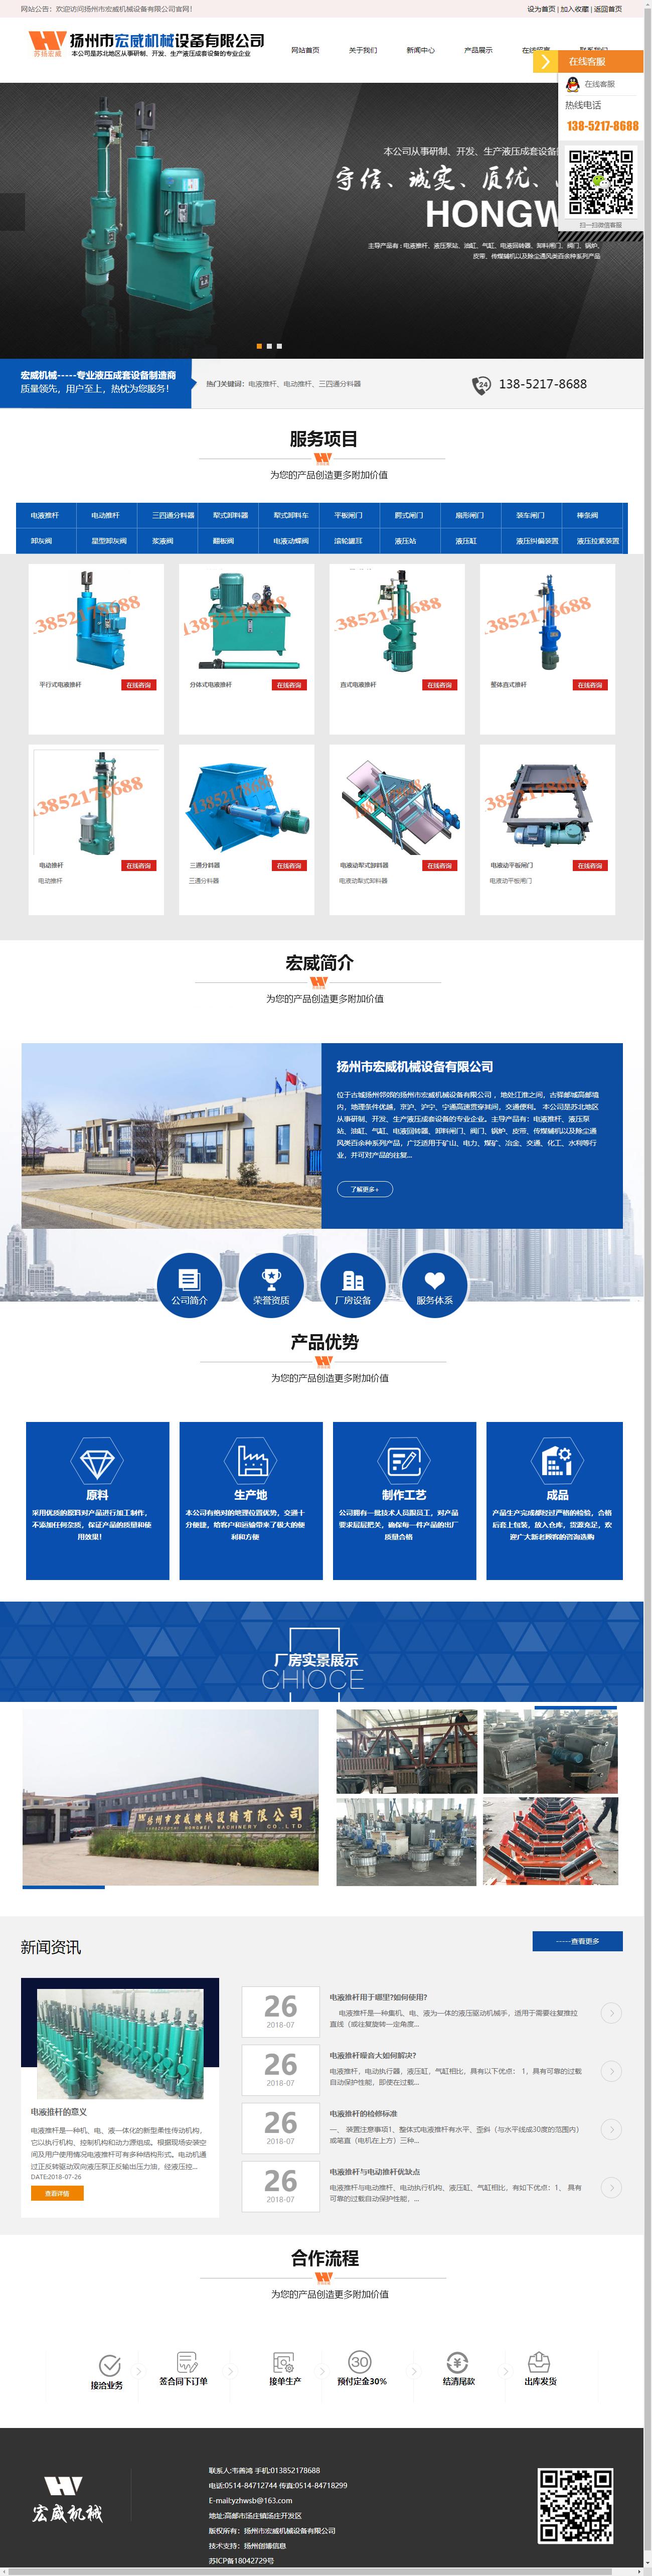 扬州市宏威机械设备有限公司网站案例